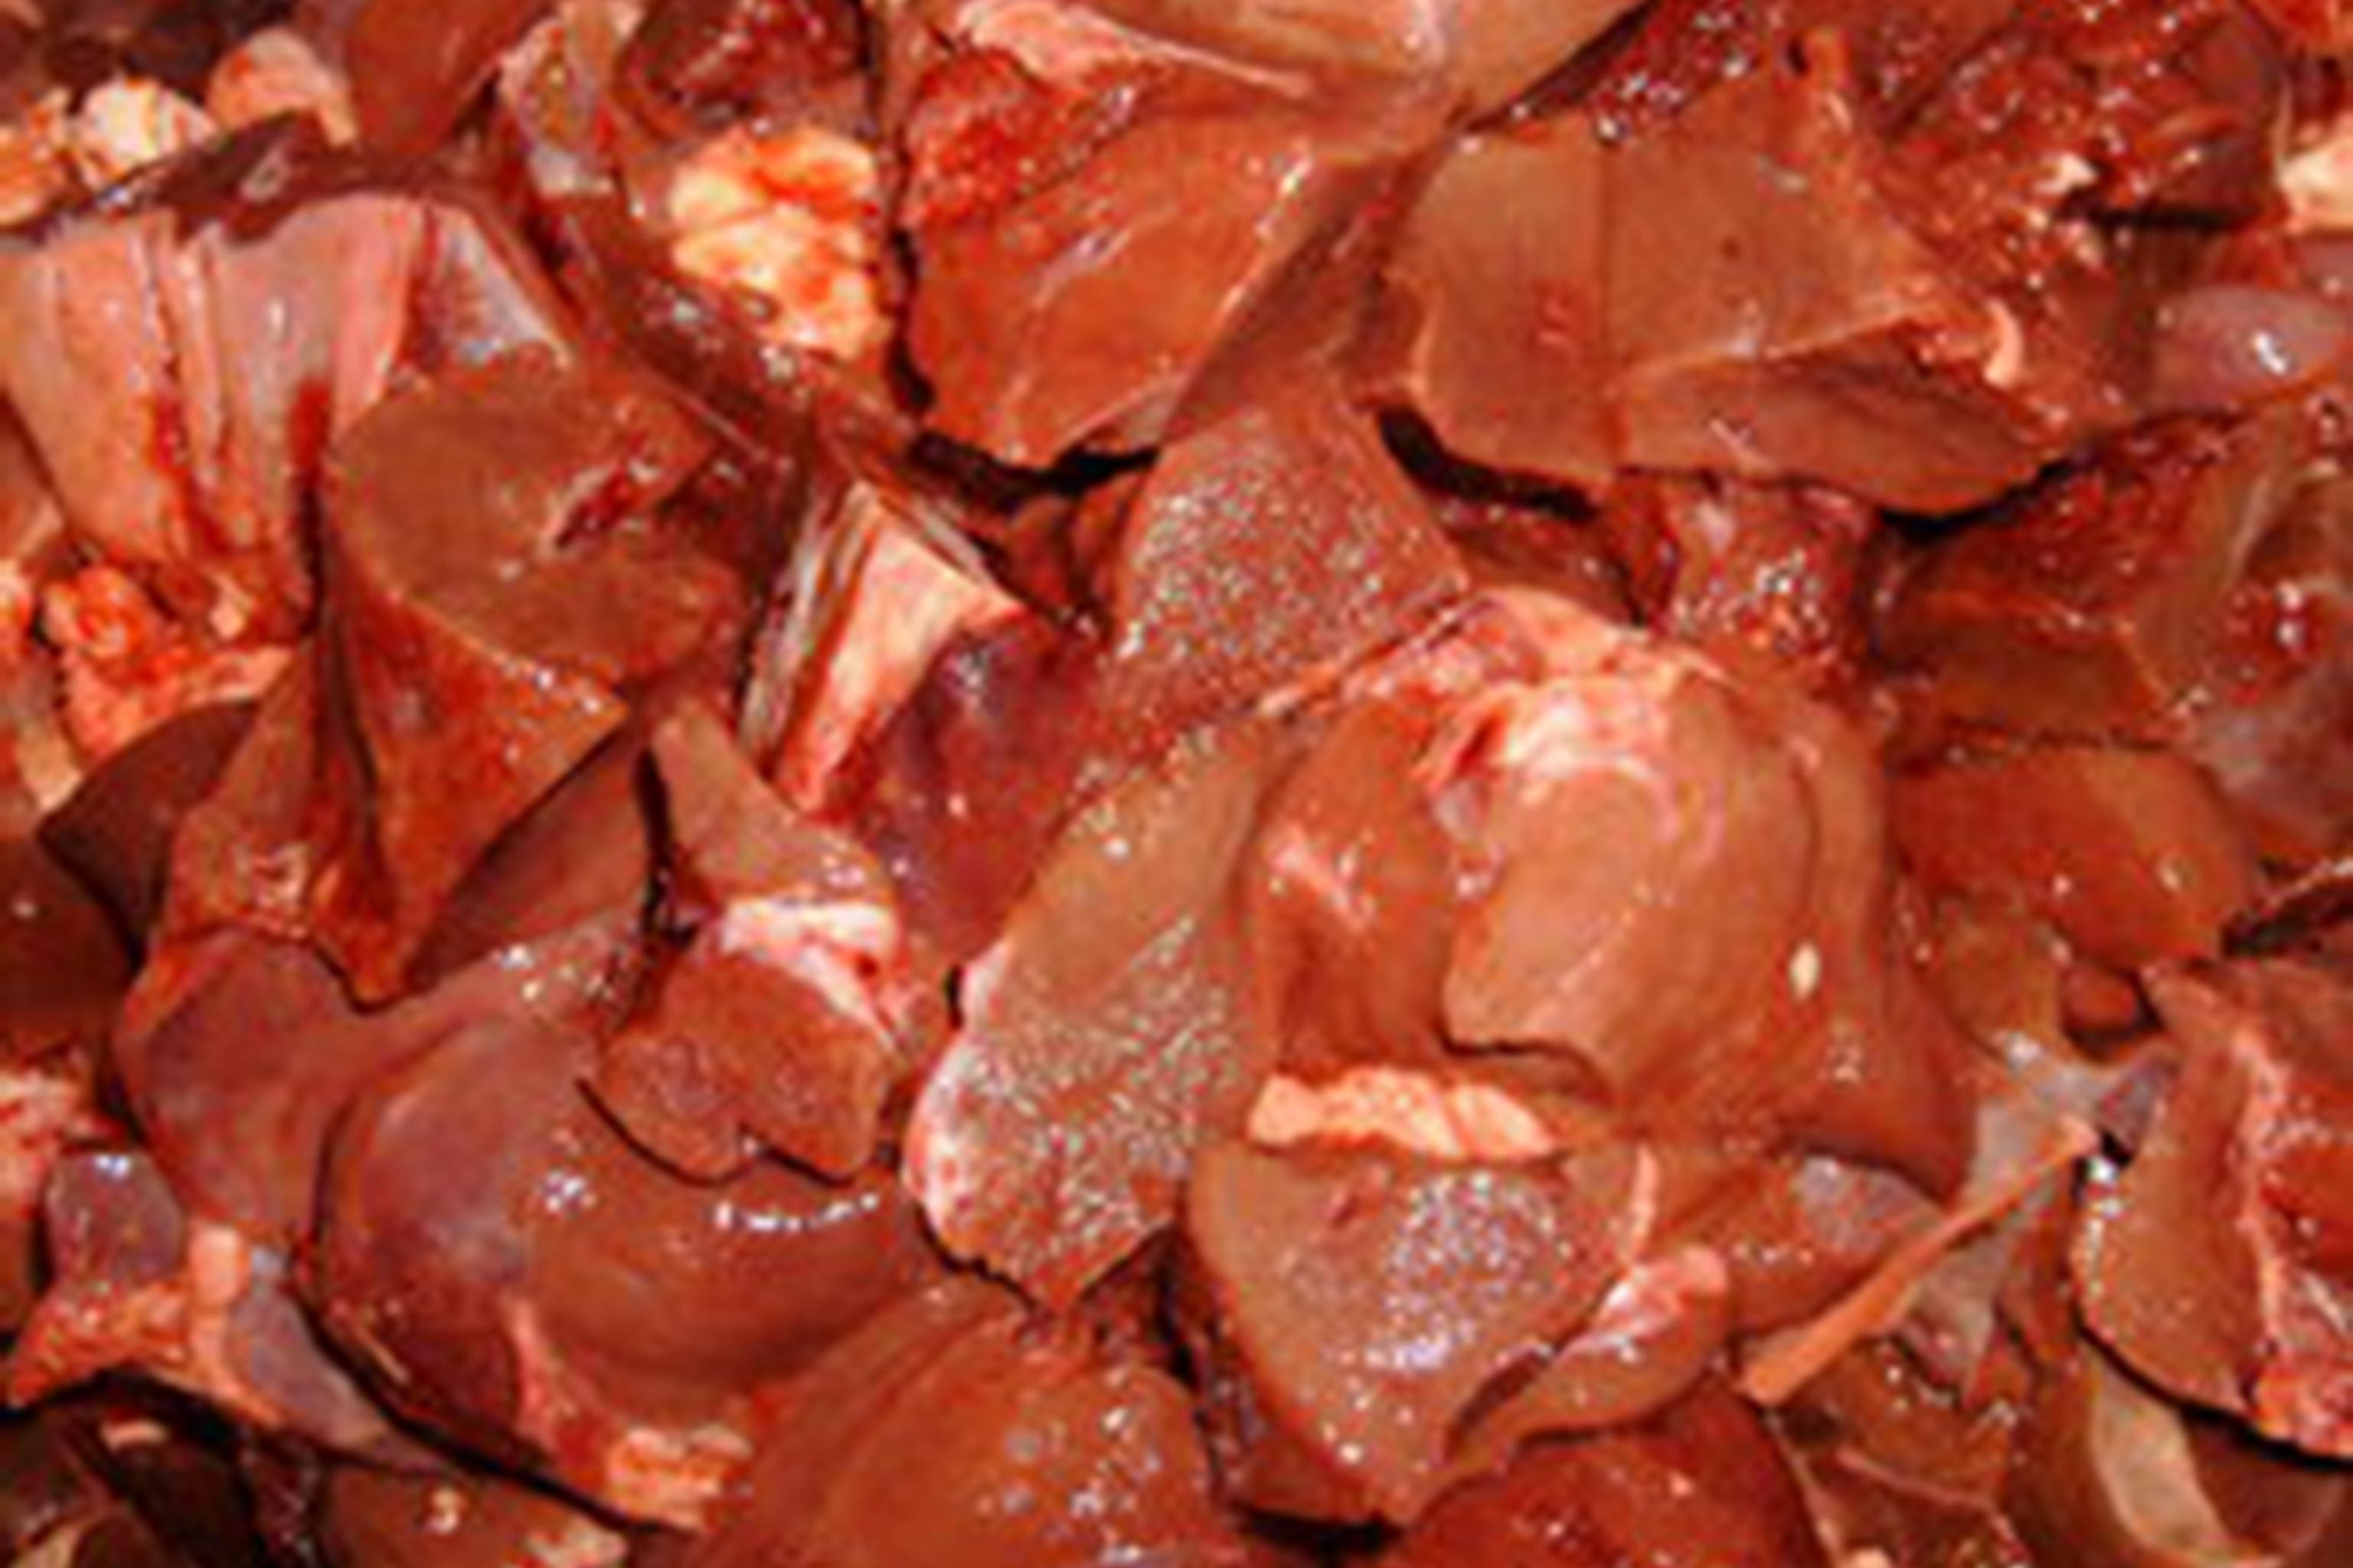 BARF er råt kød fra danske slagterier